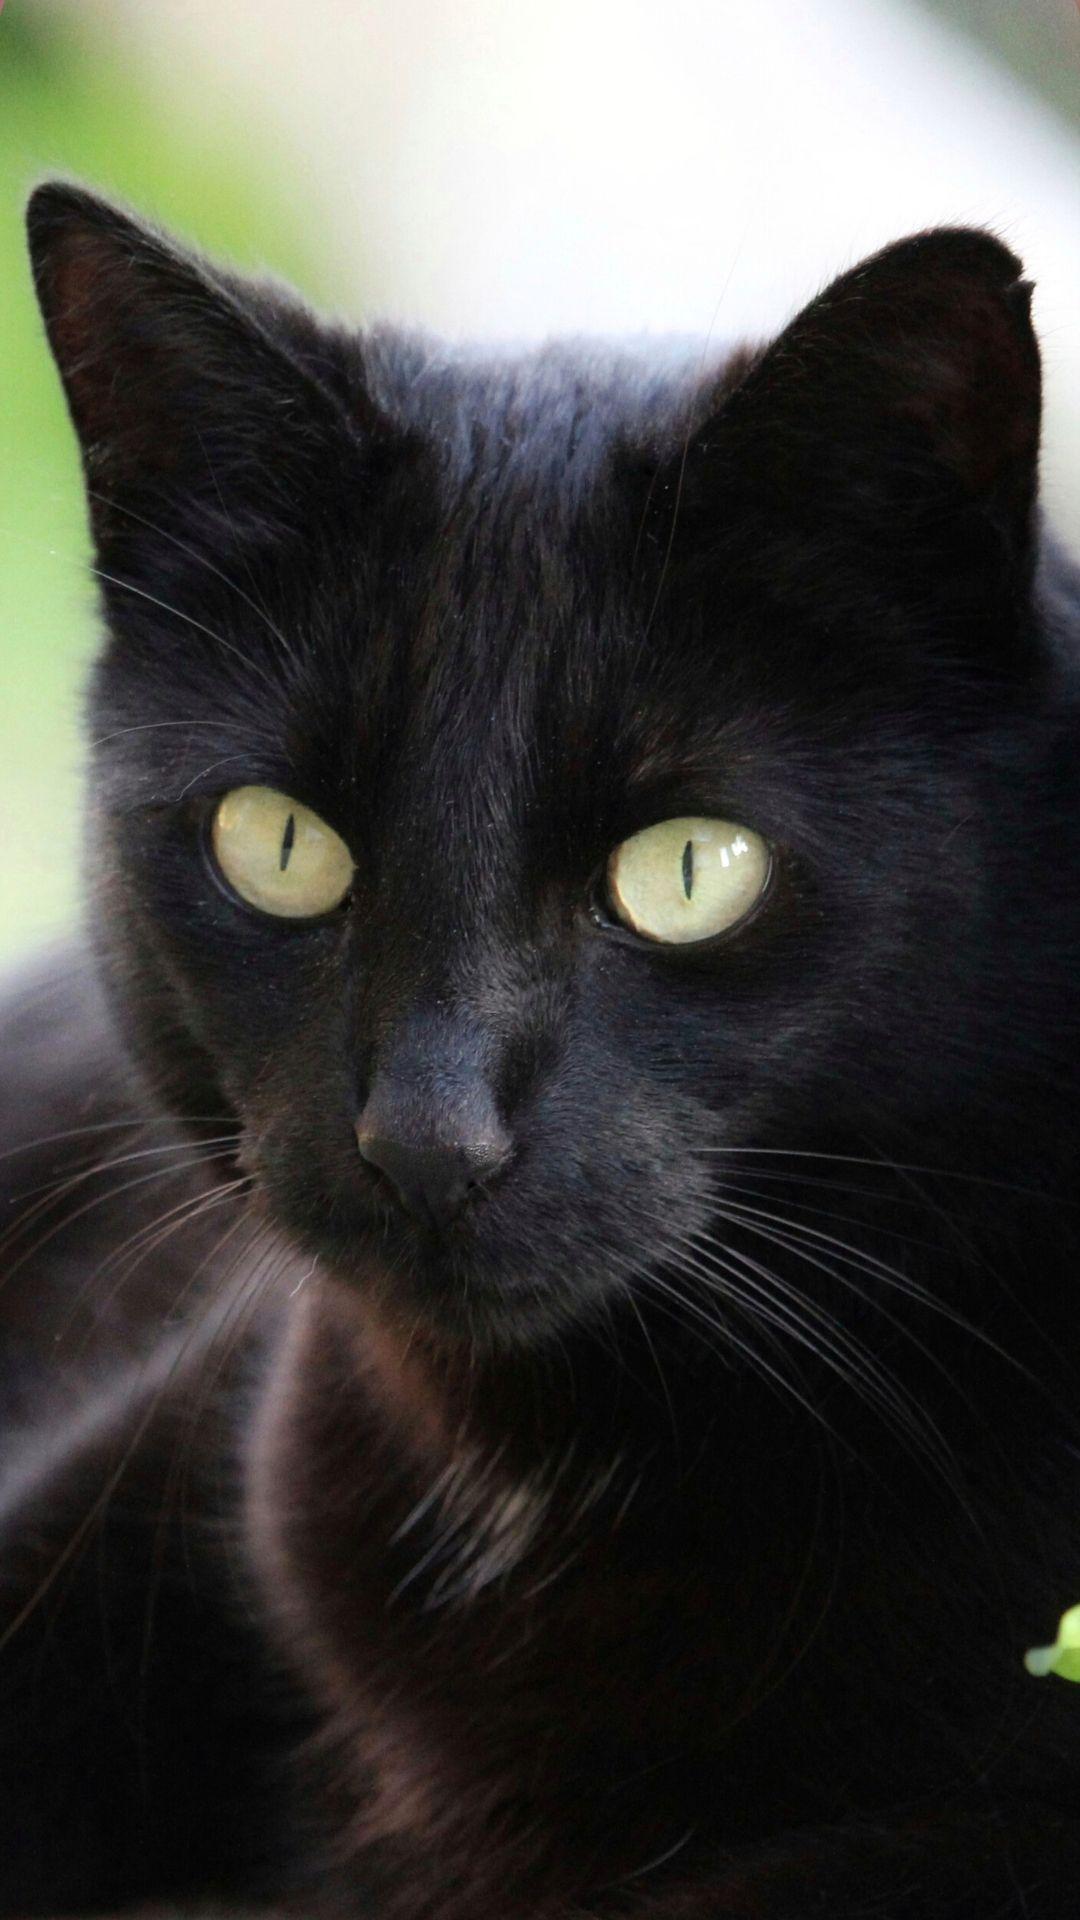 1920x1080 Cute Black Cat Wallpaper Hvgj Animali Immagini Sfondi